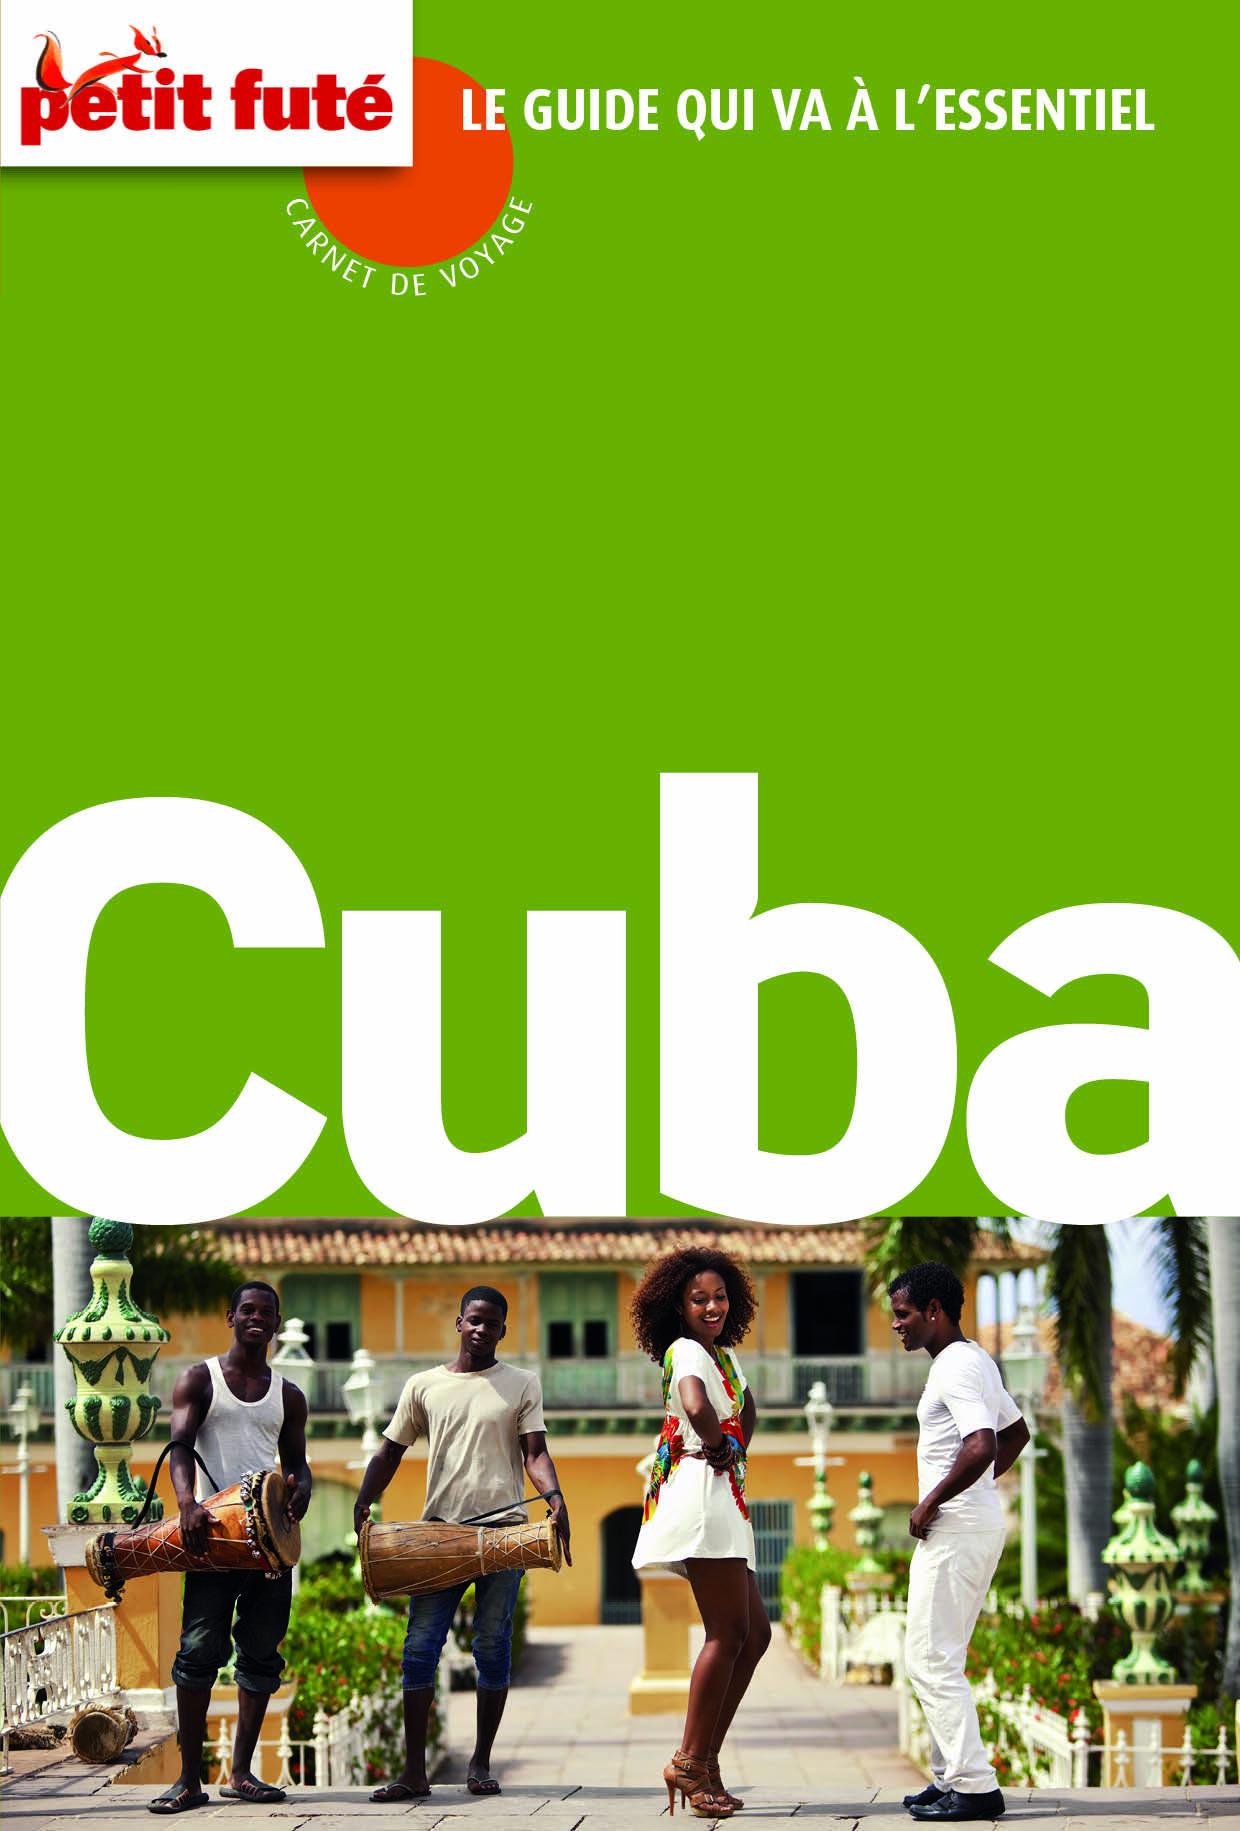 Collectif Cuba 2015 CARNET DE VOYAGE